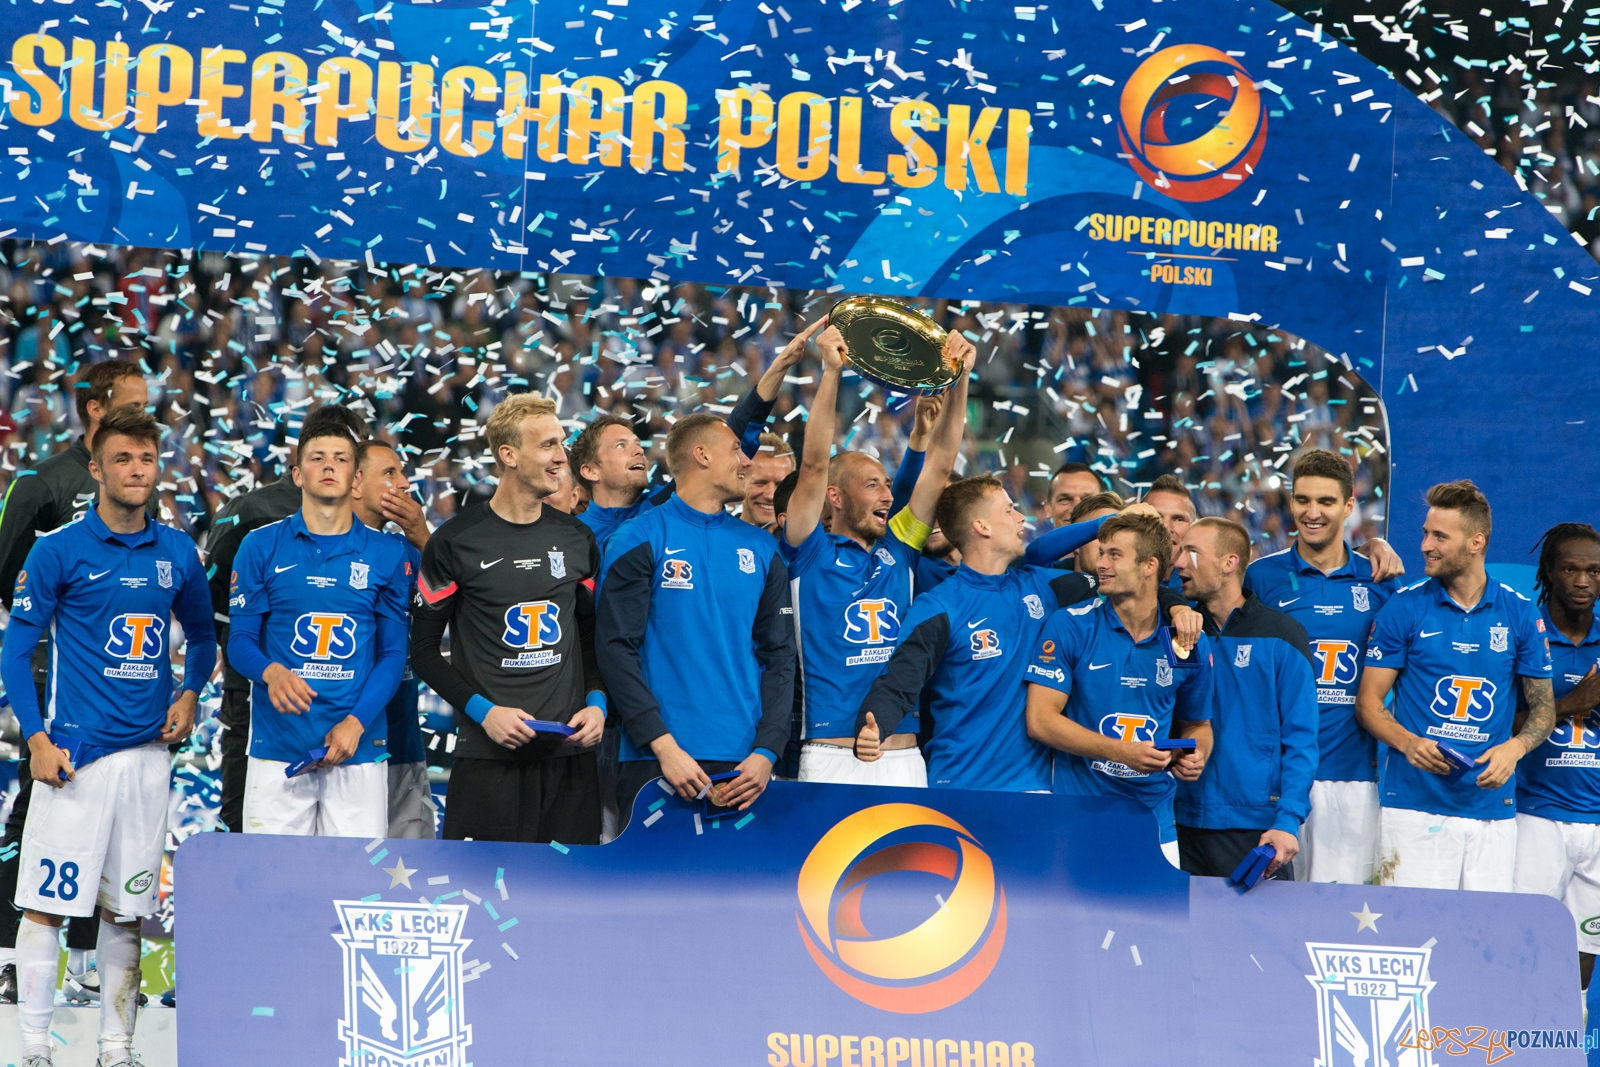 Superpuchar polski 2015 - Lech Poznań - Legia Warszawa  Foto: lepszyPOZNAN.pl / Piotr Rychter